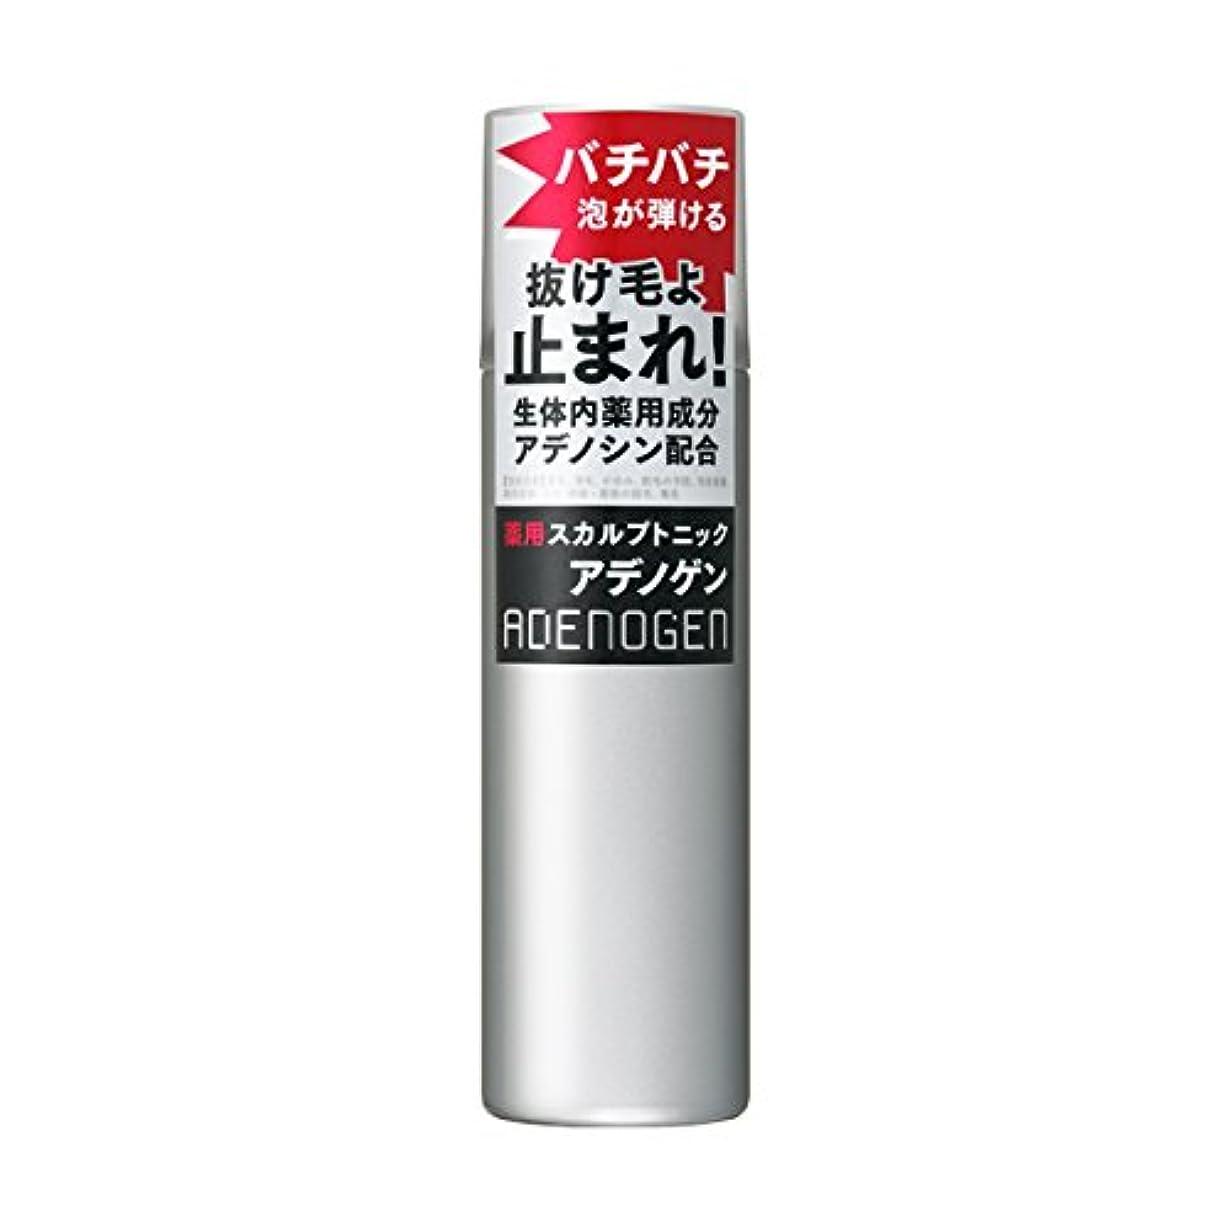 狂う嫉妬形アデノゲン 薬用スカルプトニック 130g 【医薬部外品】